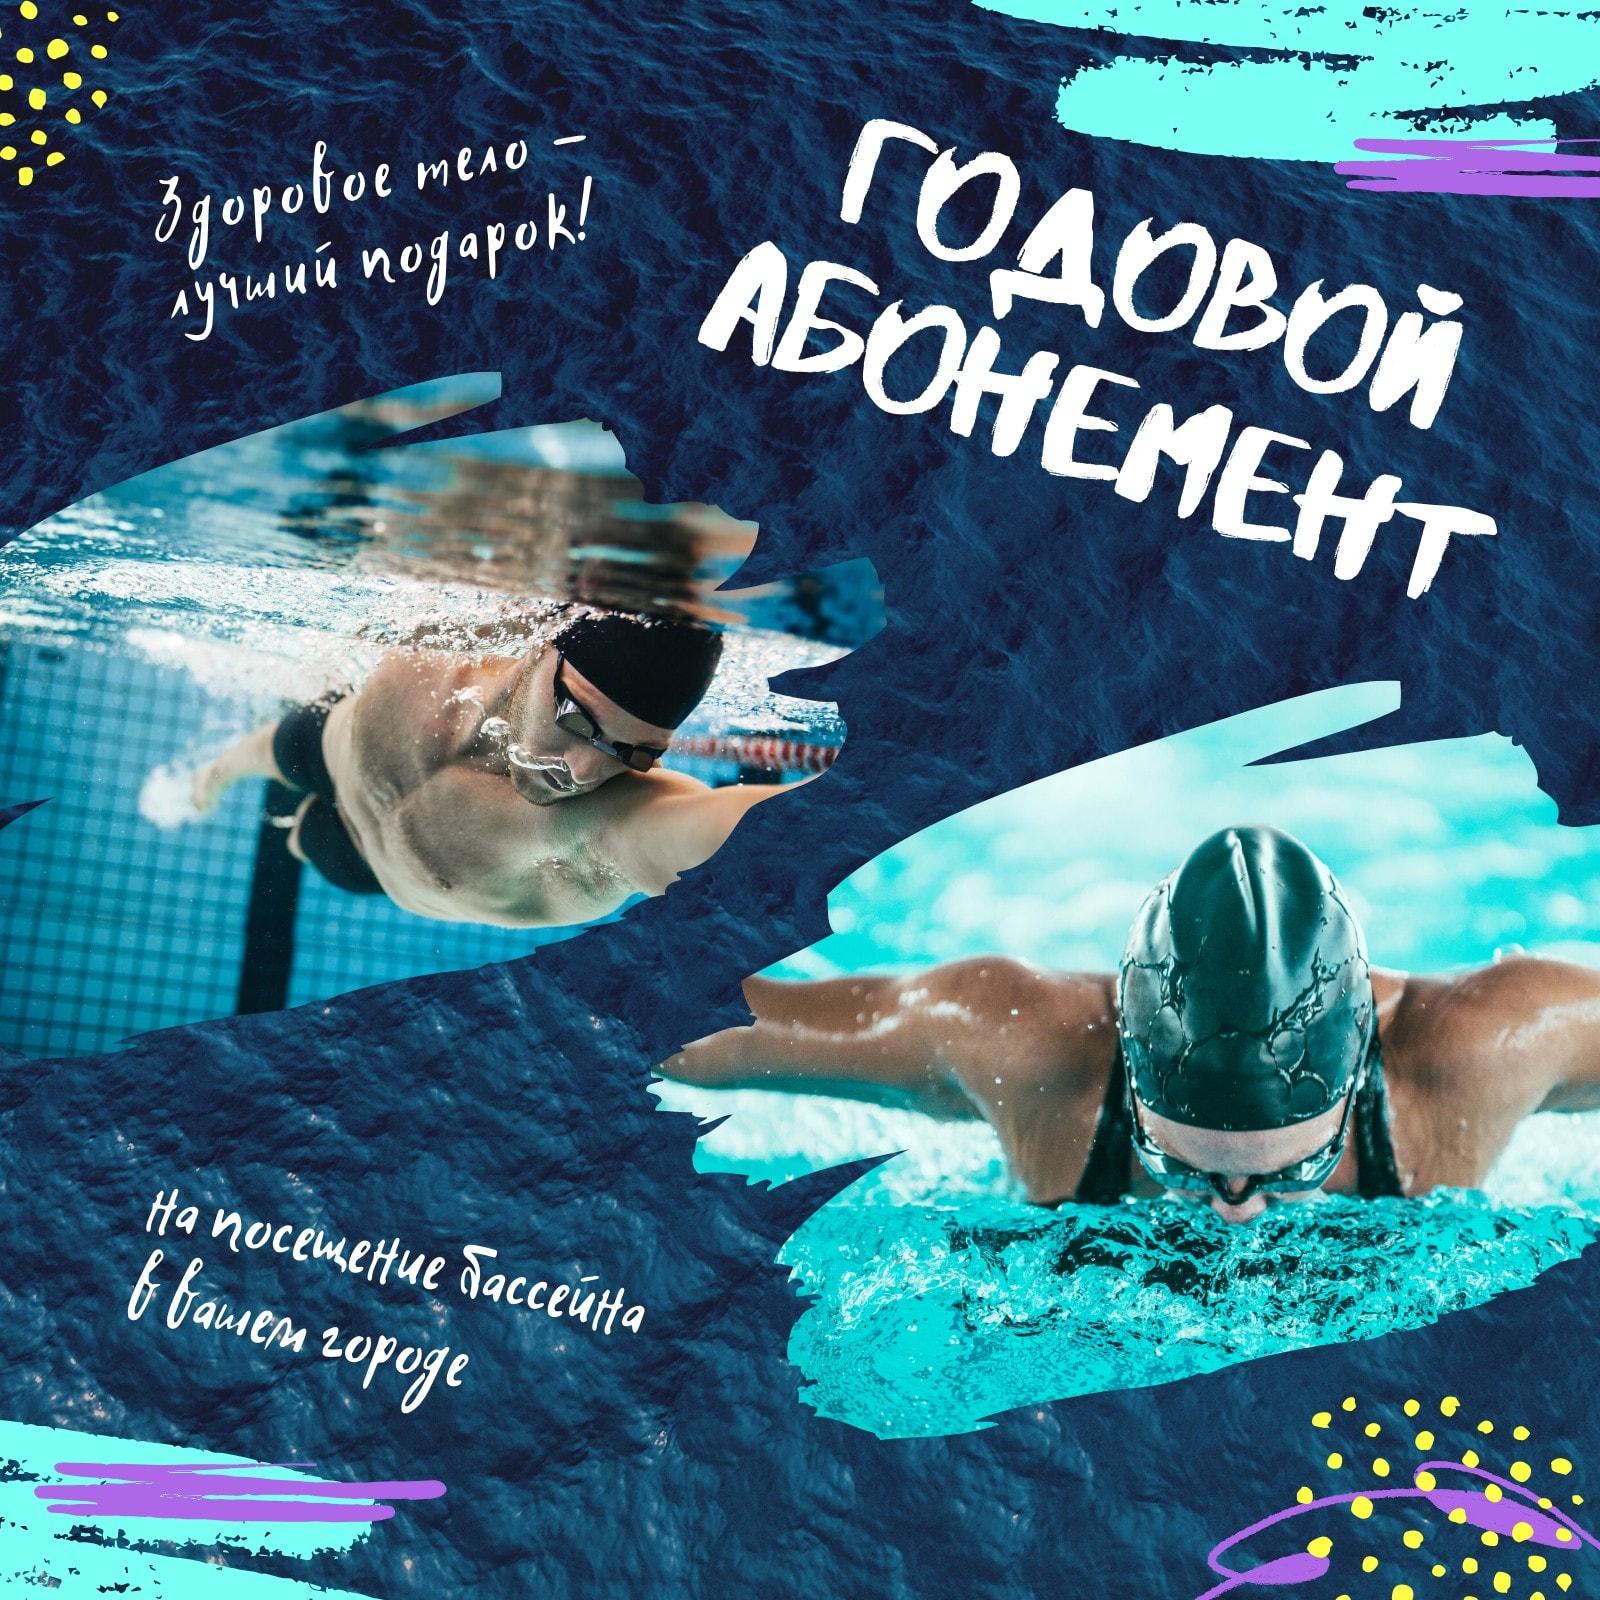 Голубая публикация в Instagram с фотографиями пловцов в бассейне